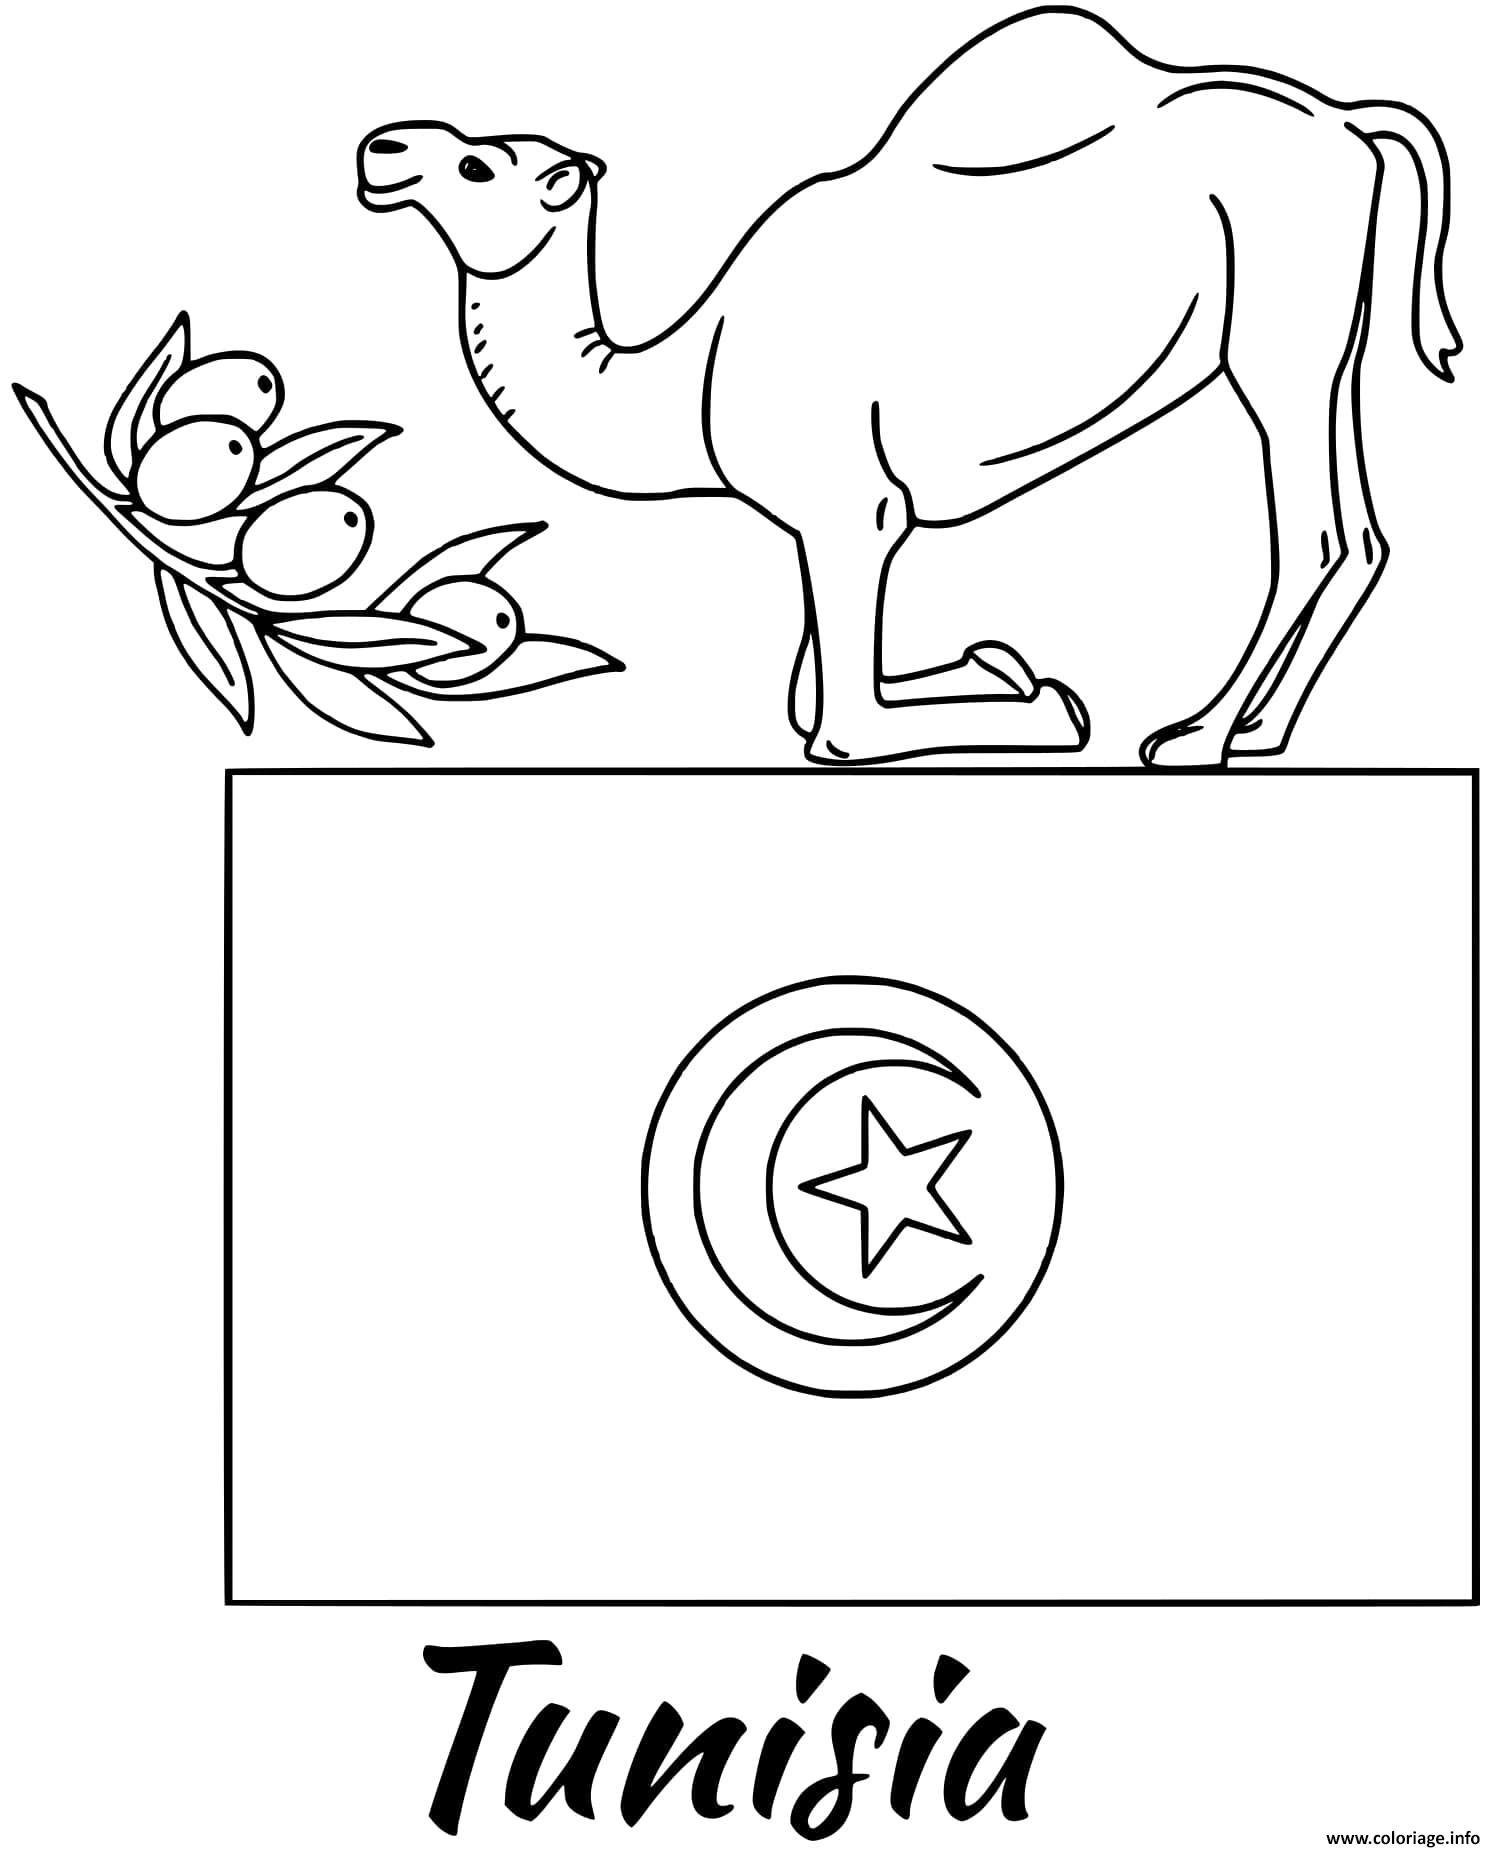 Dessin tunisie drapeau camel Coloriage Gratuit à Imprimer